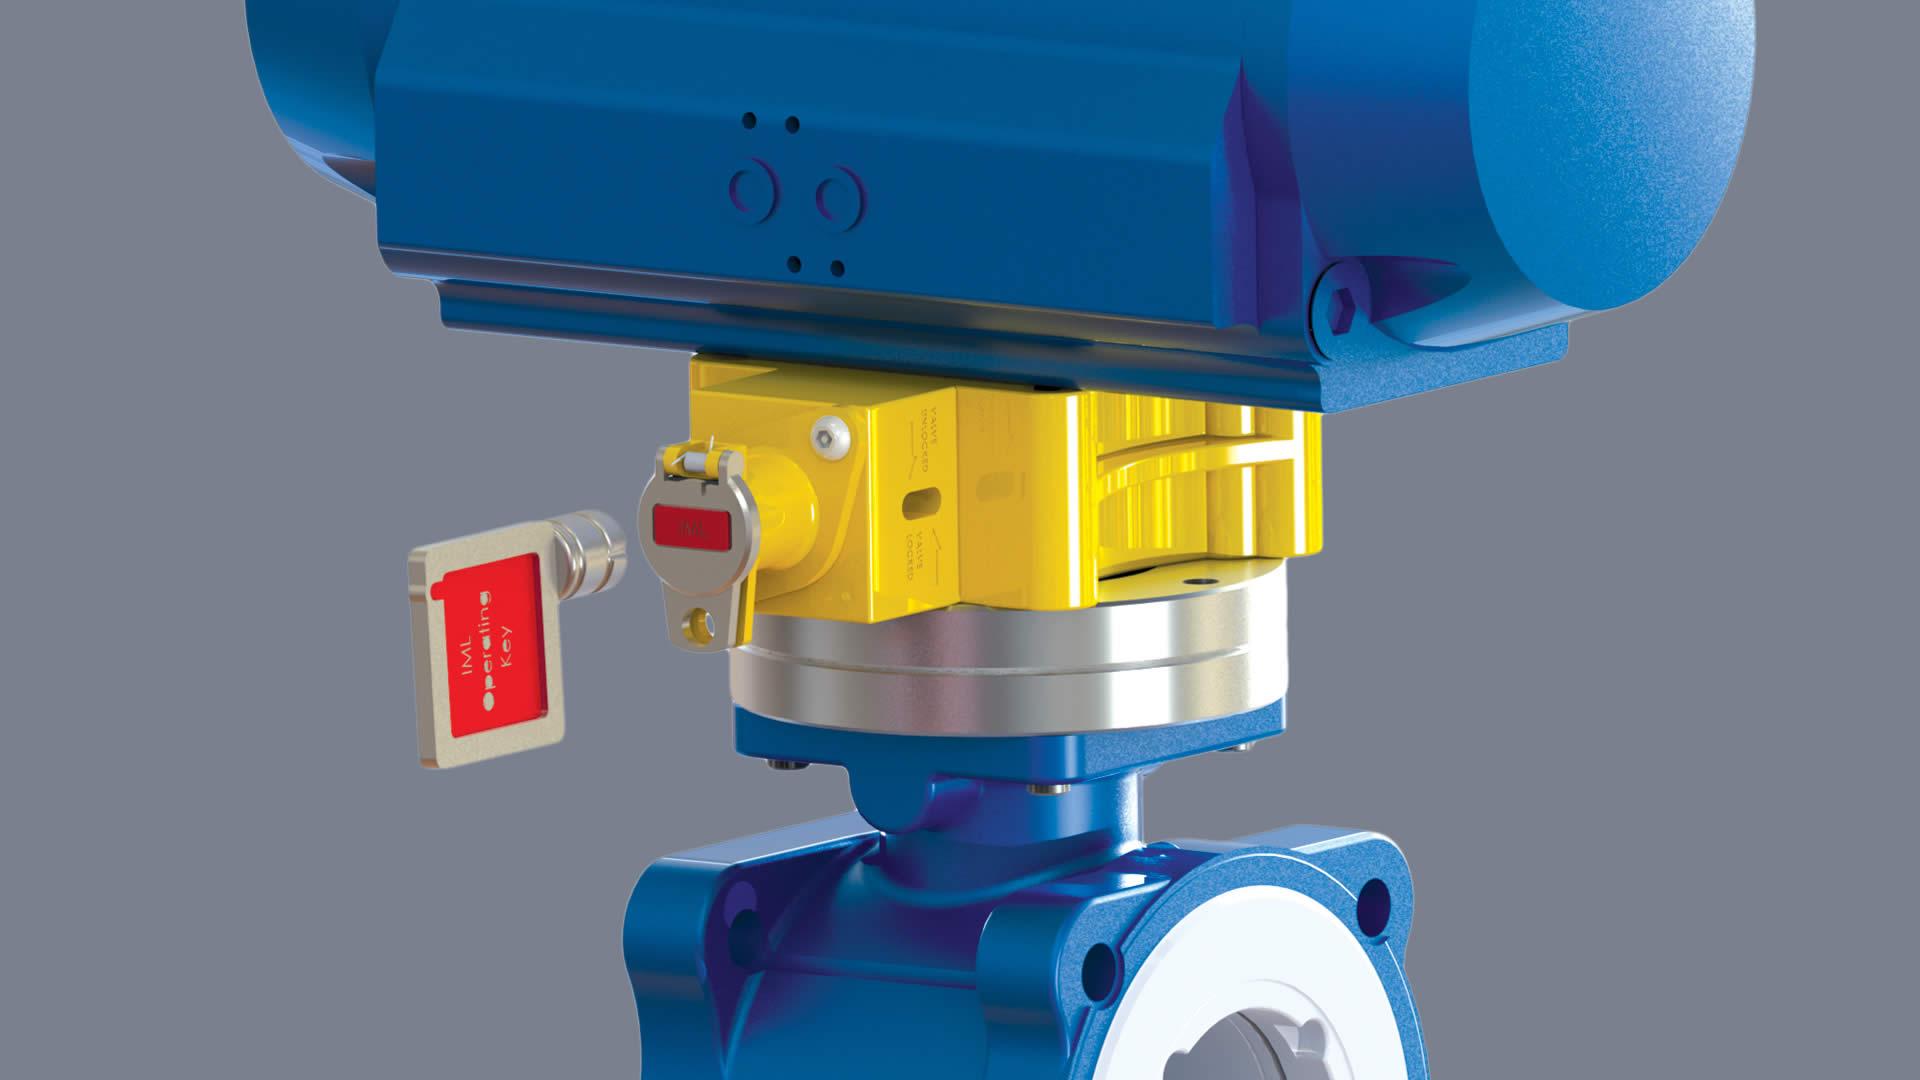 IML valve actuator lock temporarily locks actuators - Sofis valve